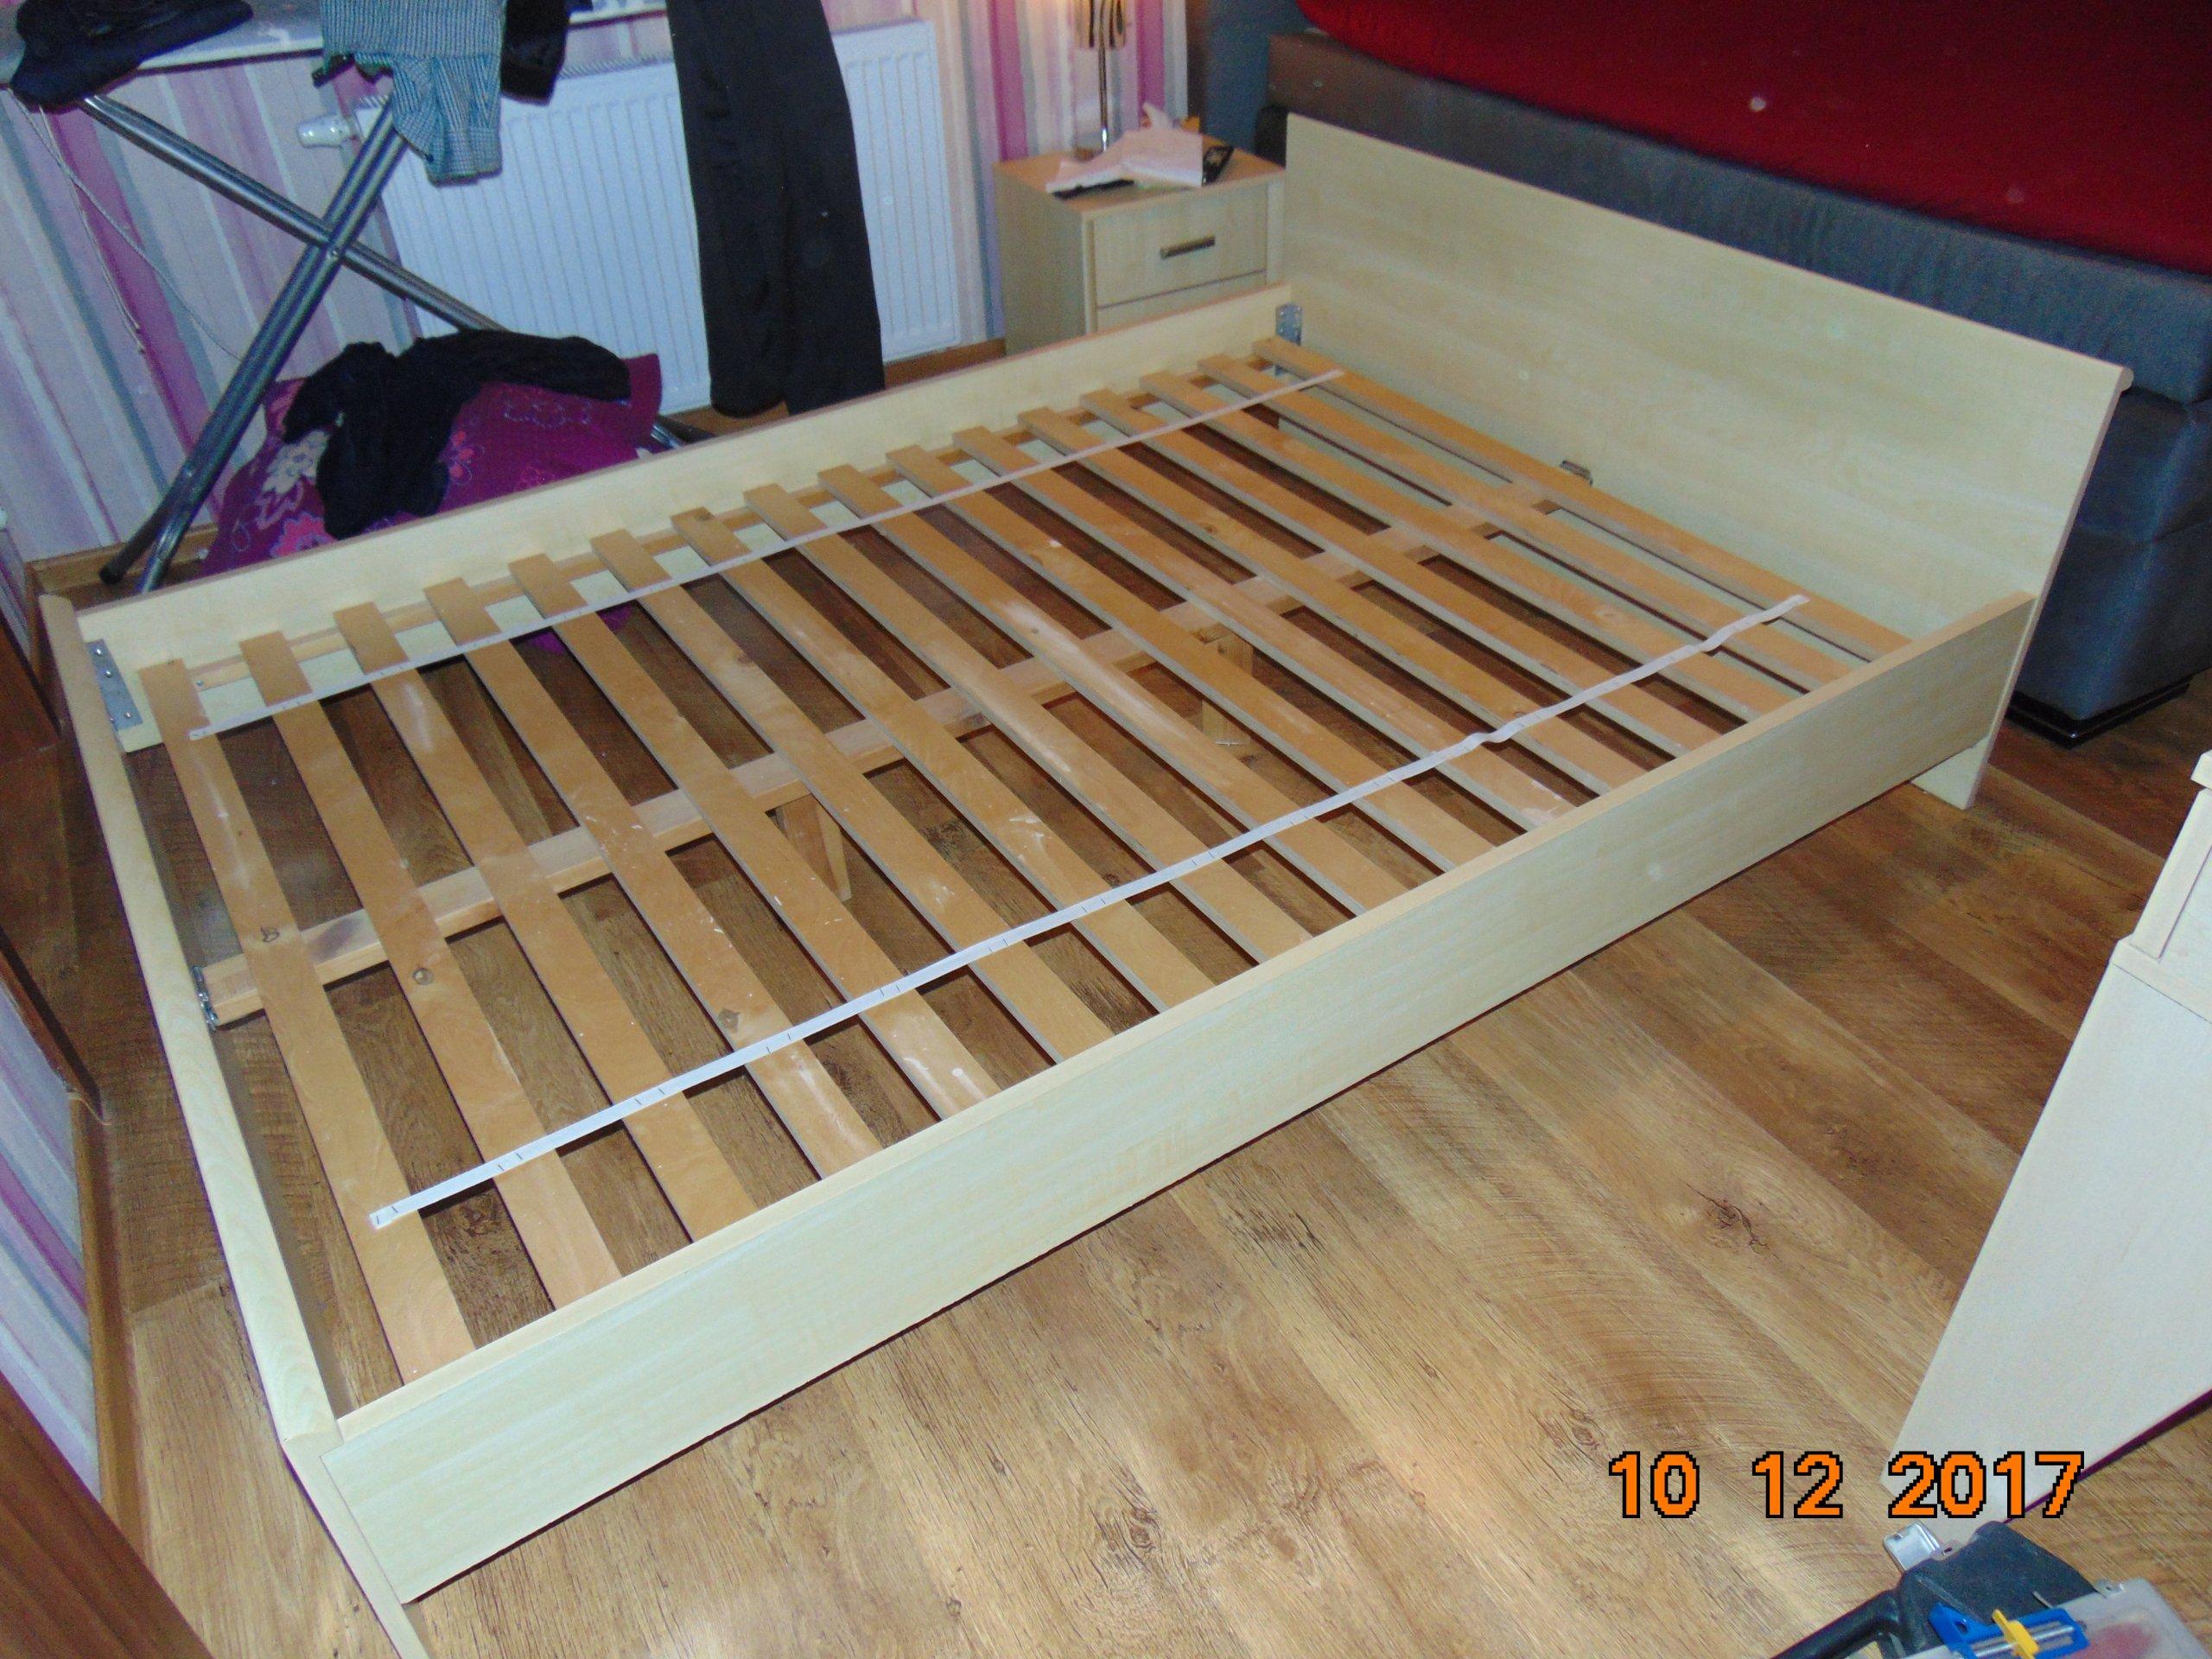 Brw łóżko Stelaż Materac 140x200 Komoda Szafki